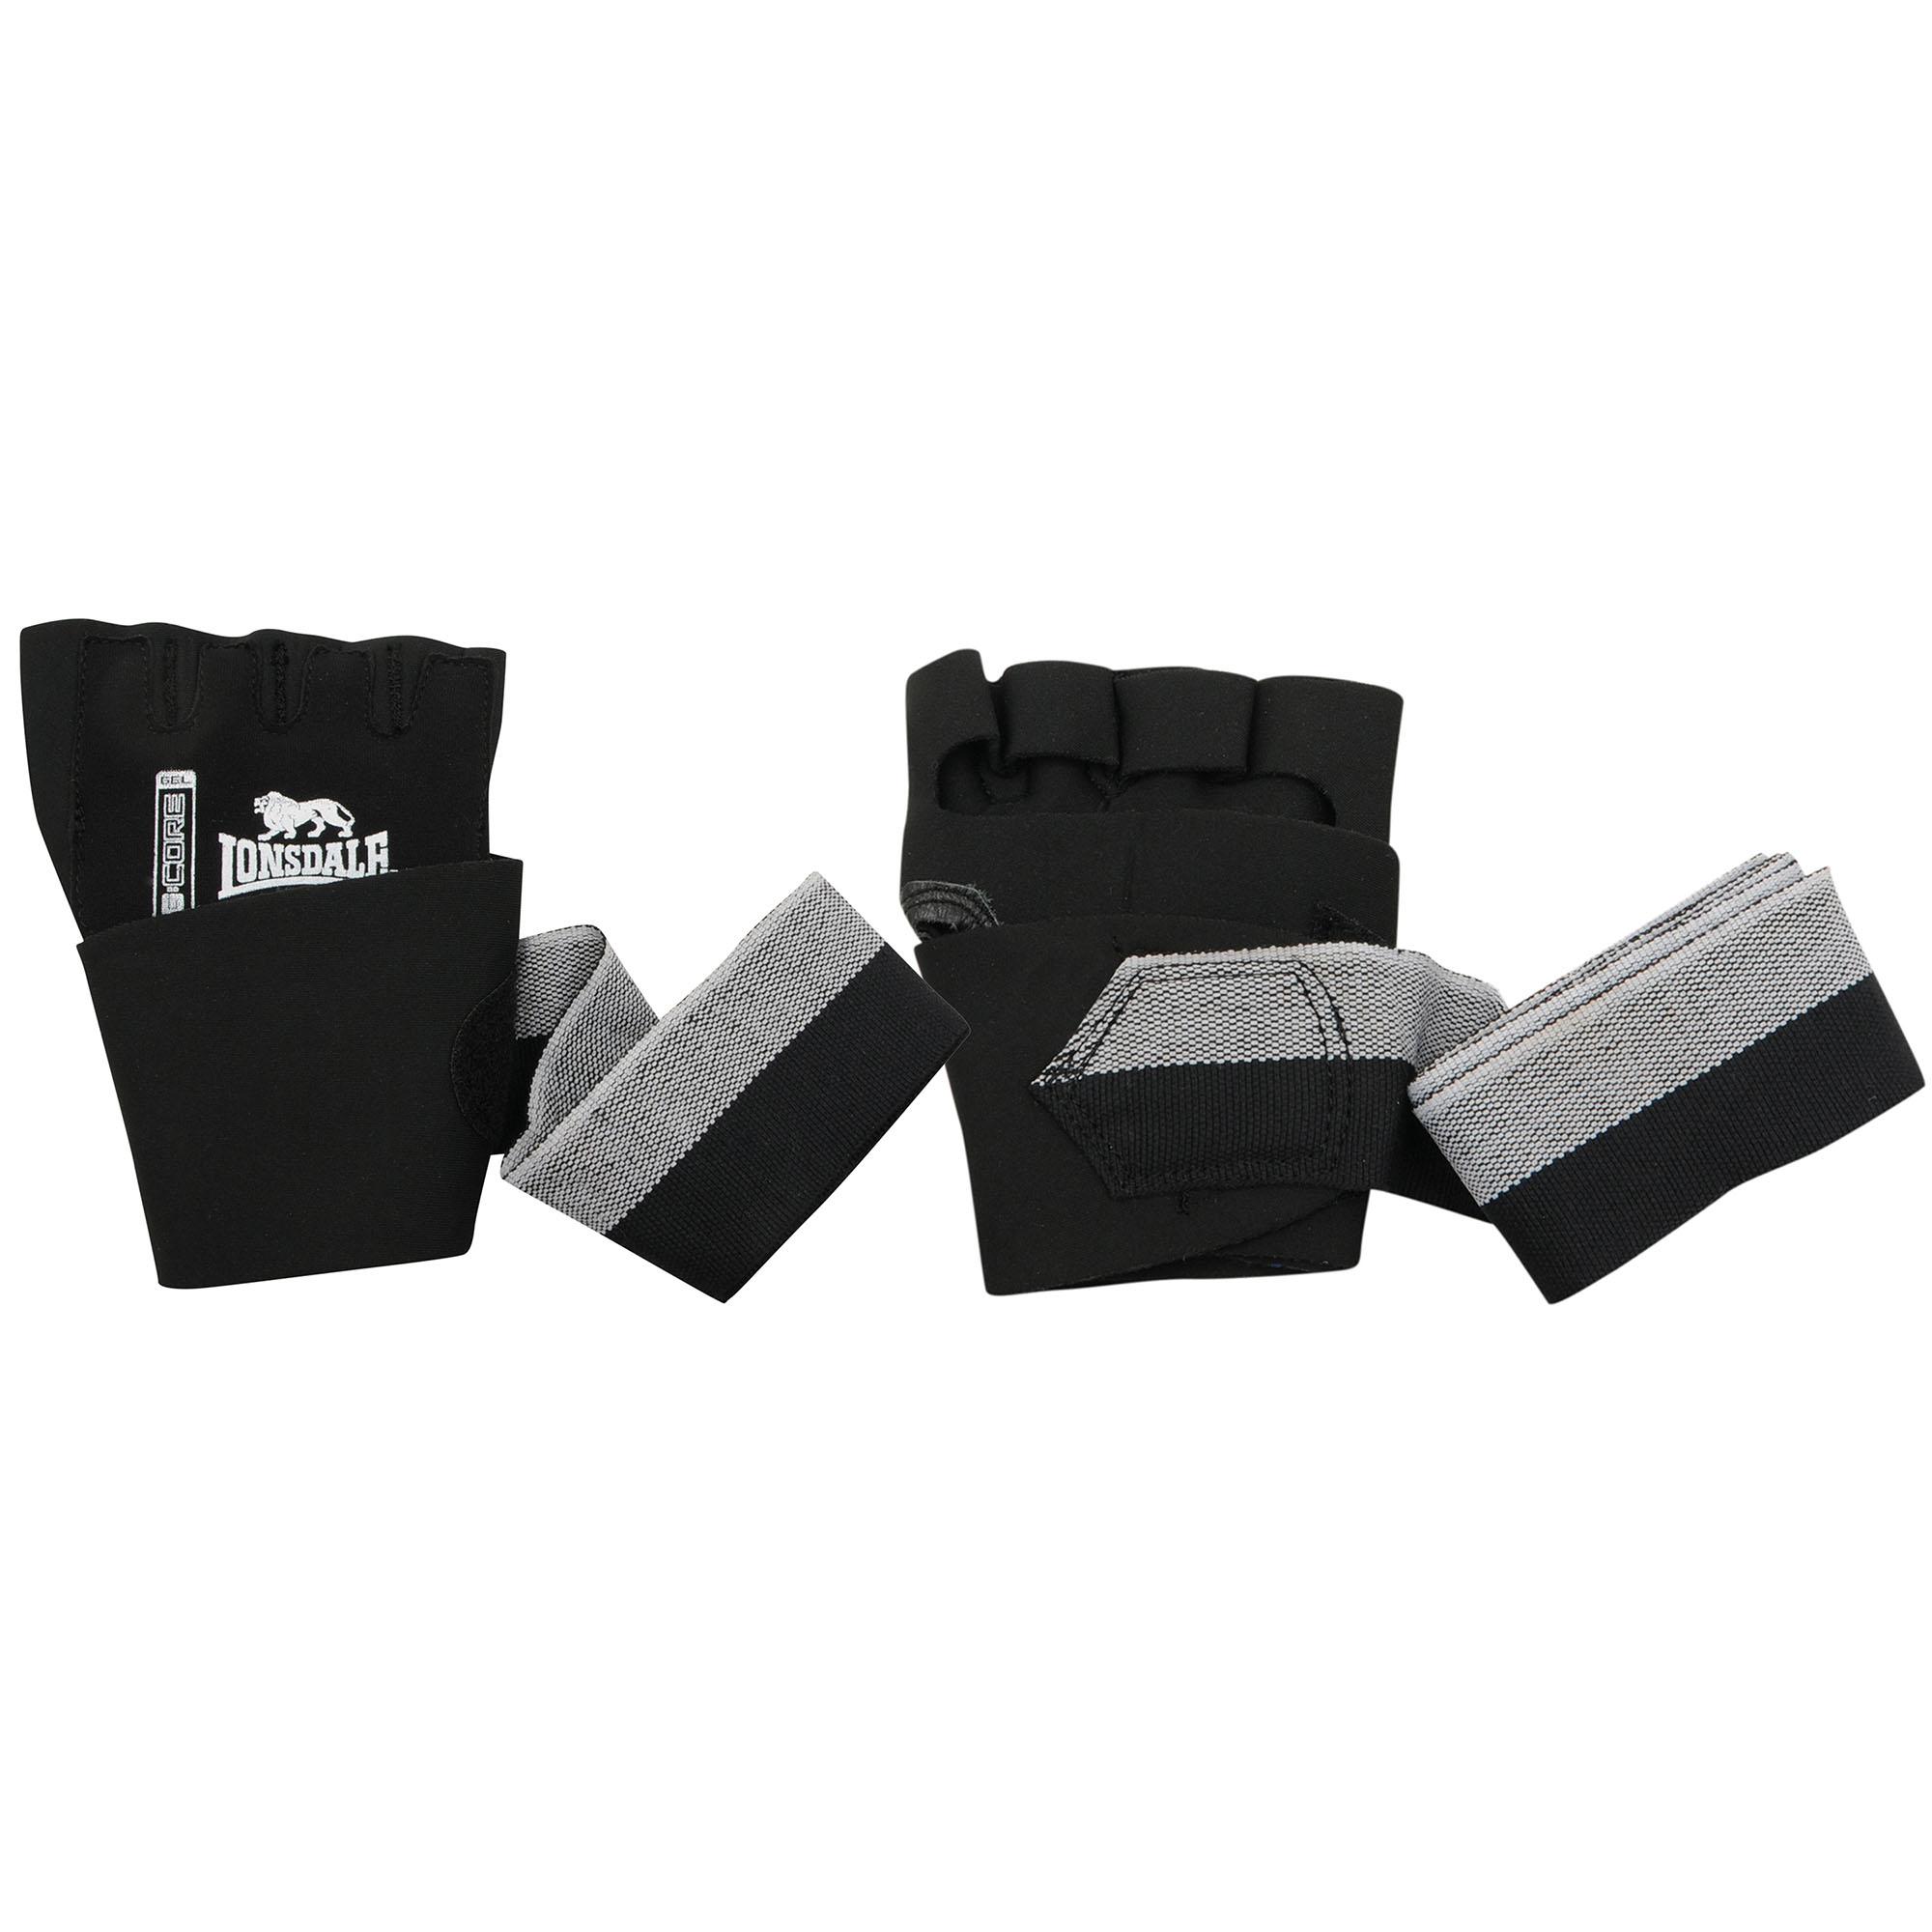 Lonsdale G-Core Glove Hand Wraps - L / XL